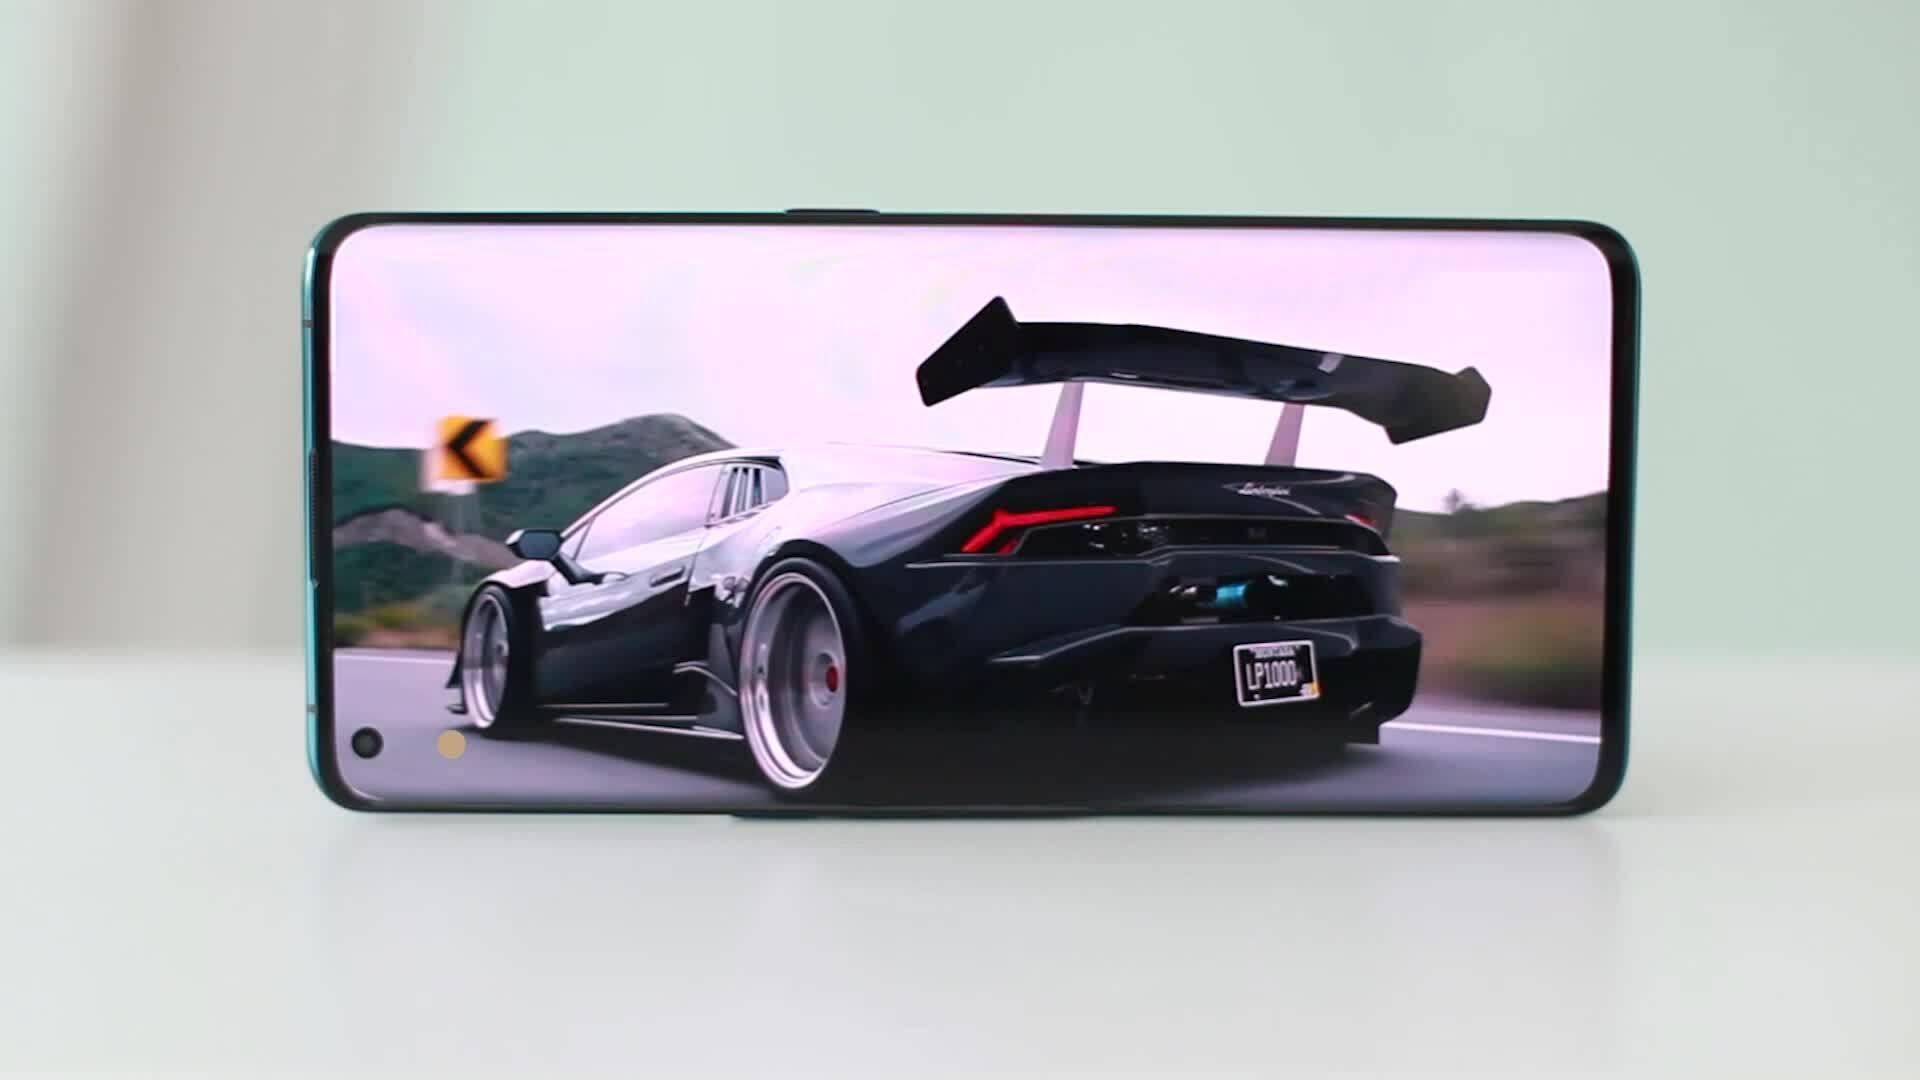 Đánh giá Oppo Find X2, smartphone mạnh nhất thế giới Android